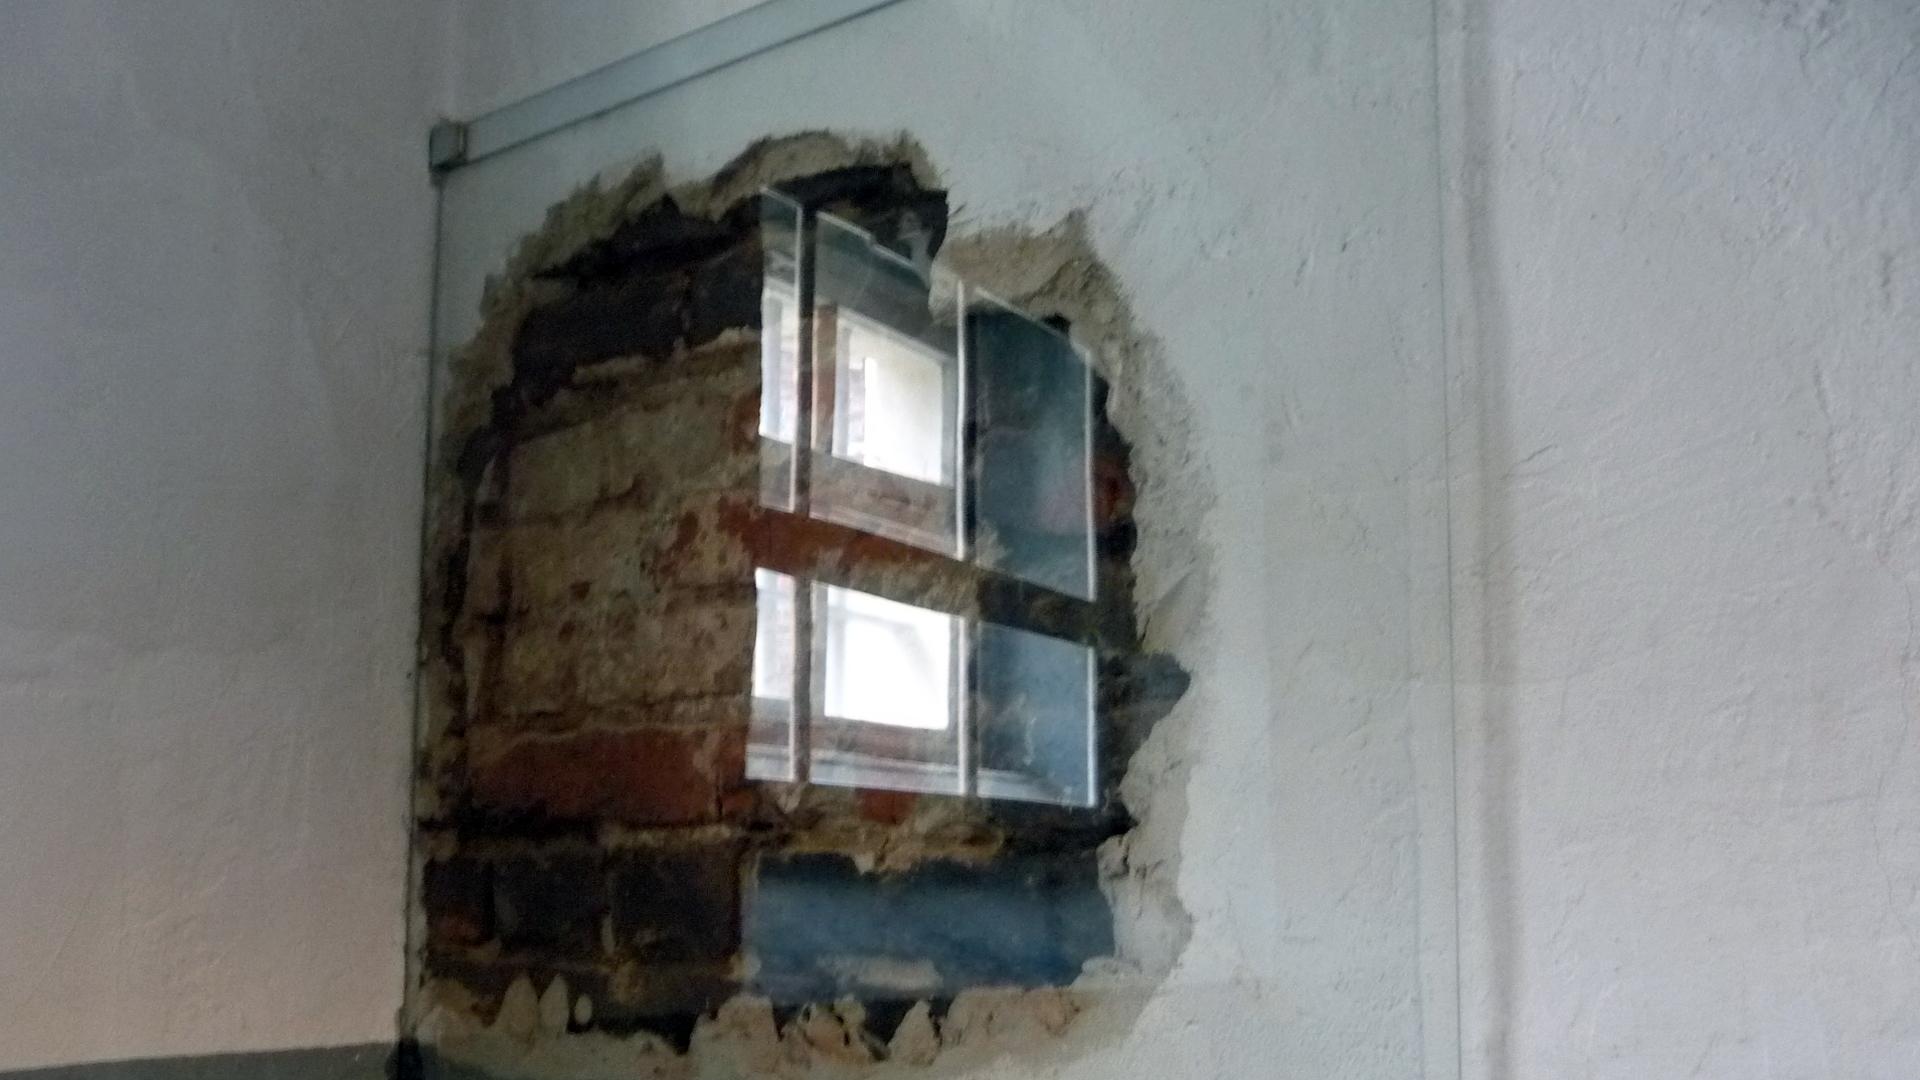 Das besagte Loch hinter Plexiglas, darin die Reflektion des Zellenfensters